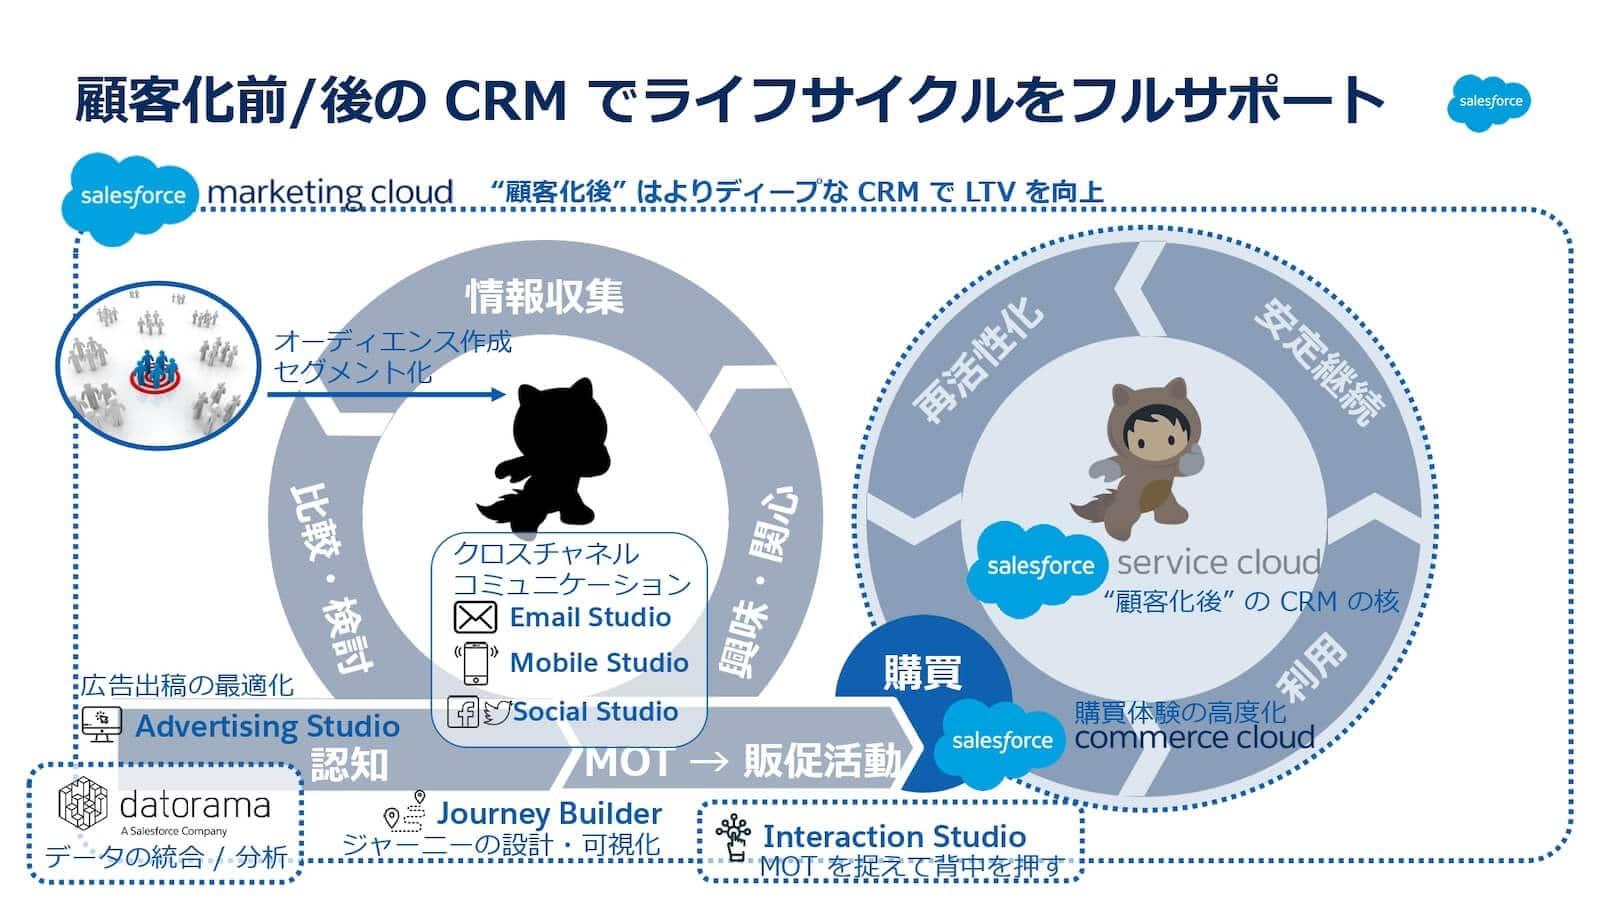 顧客化前後のCRMでライフサイクルをフルサポート